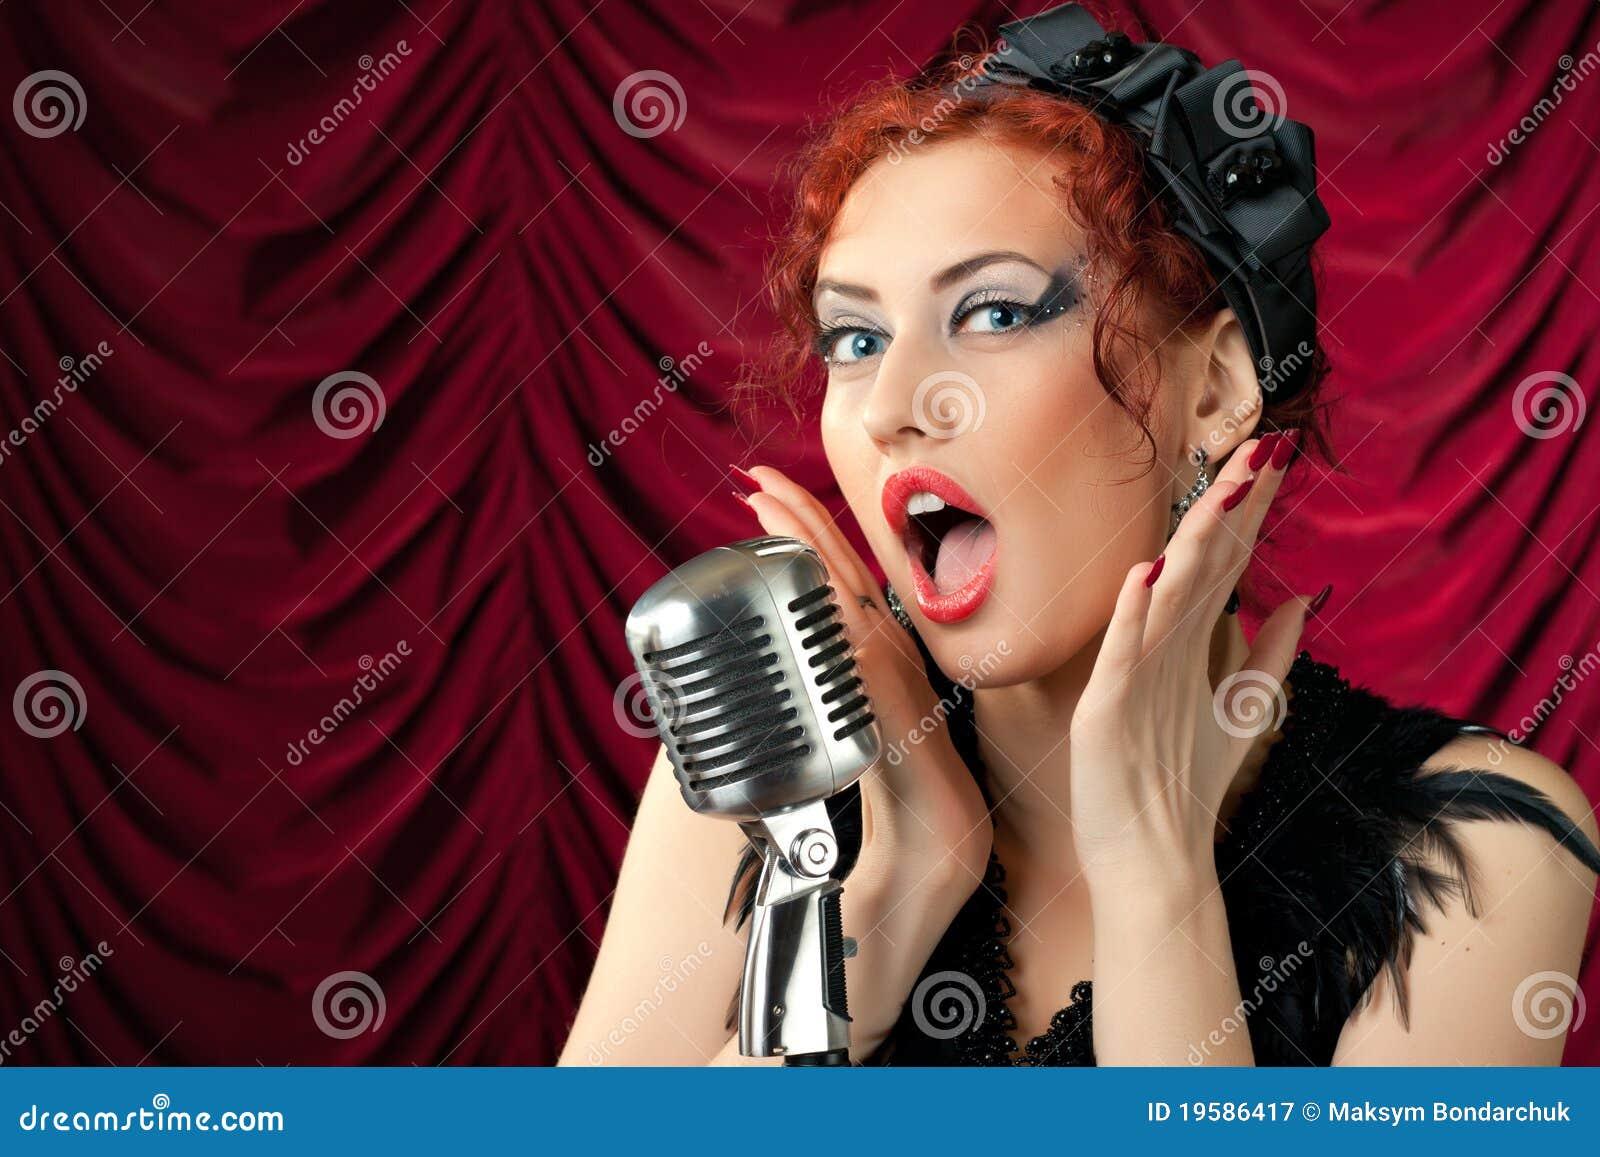 Фото девушек с микрофоном